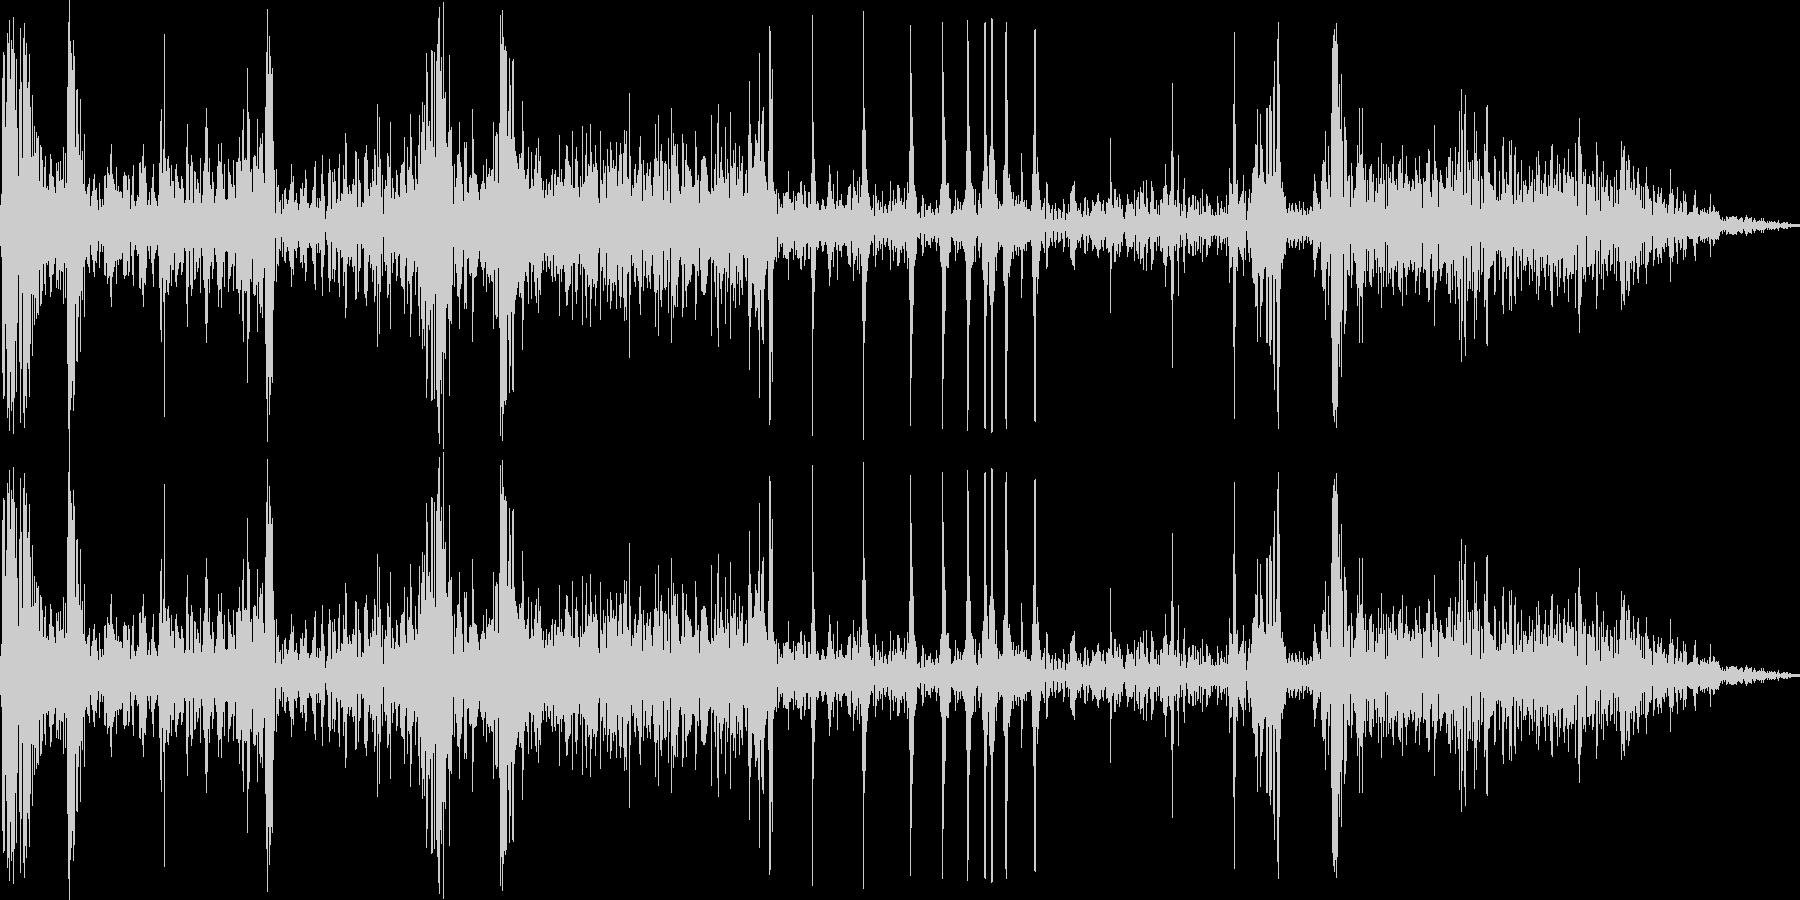 打撃・骨折の音02の未再生の波形